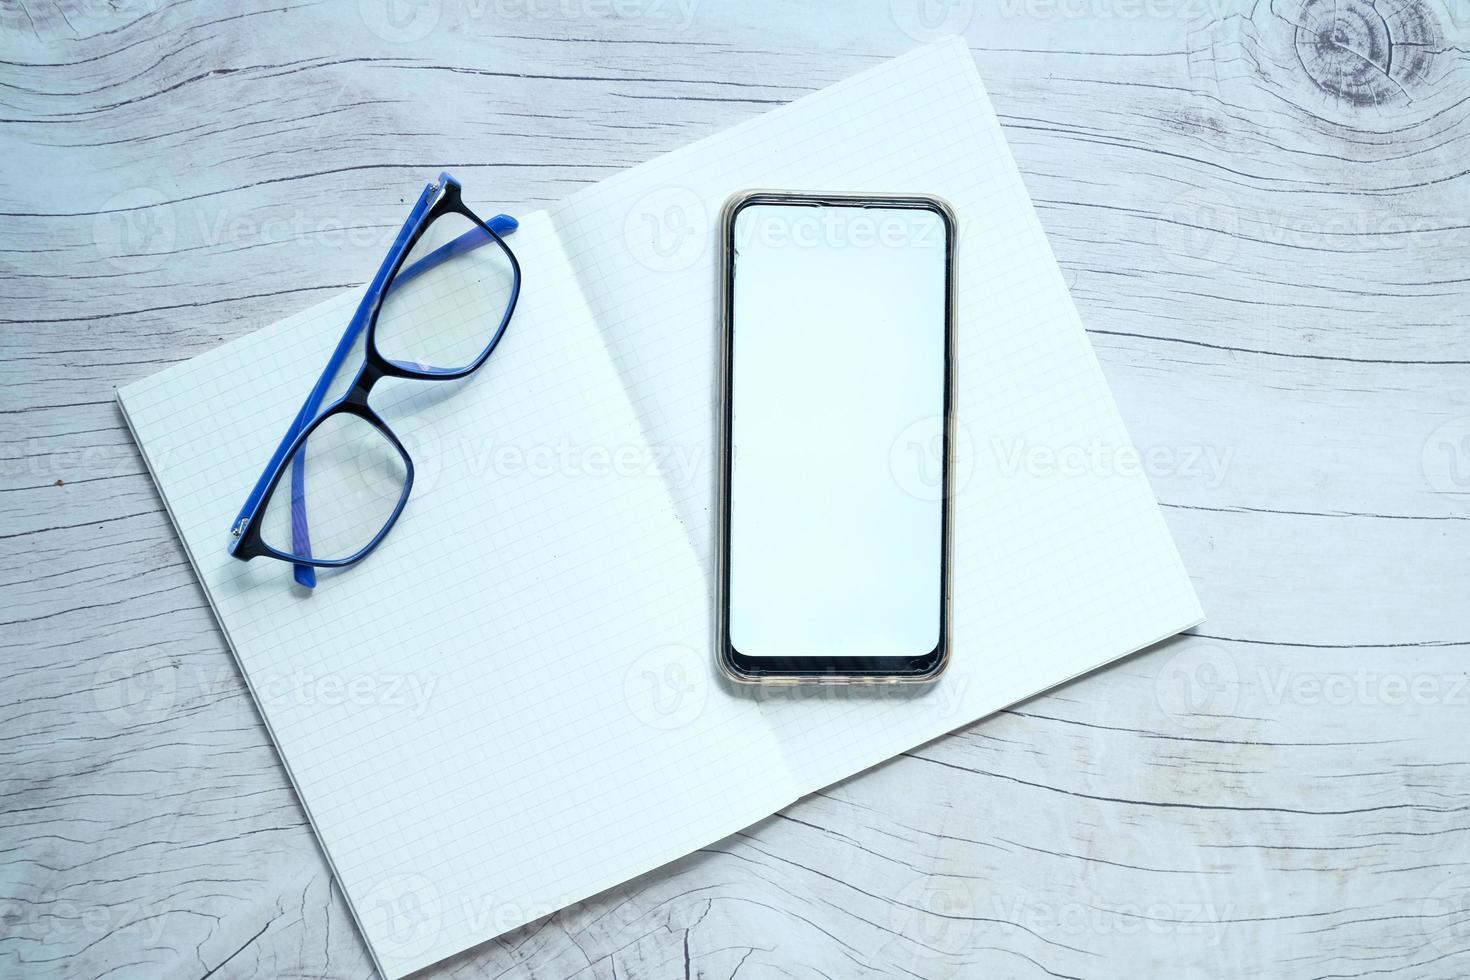 composizione piatta di smart phone e blocco note sul tavolo foto